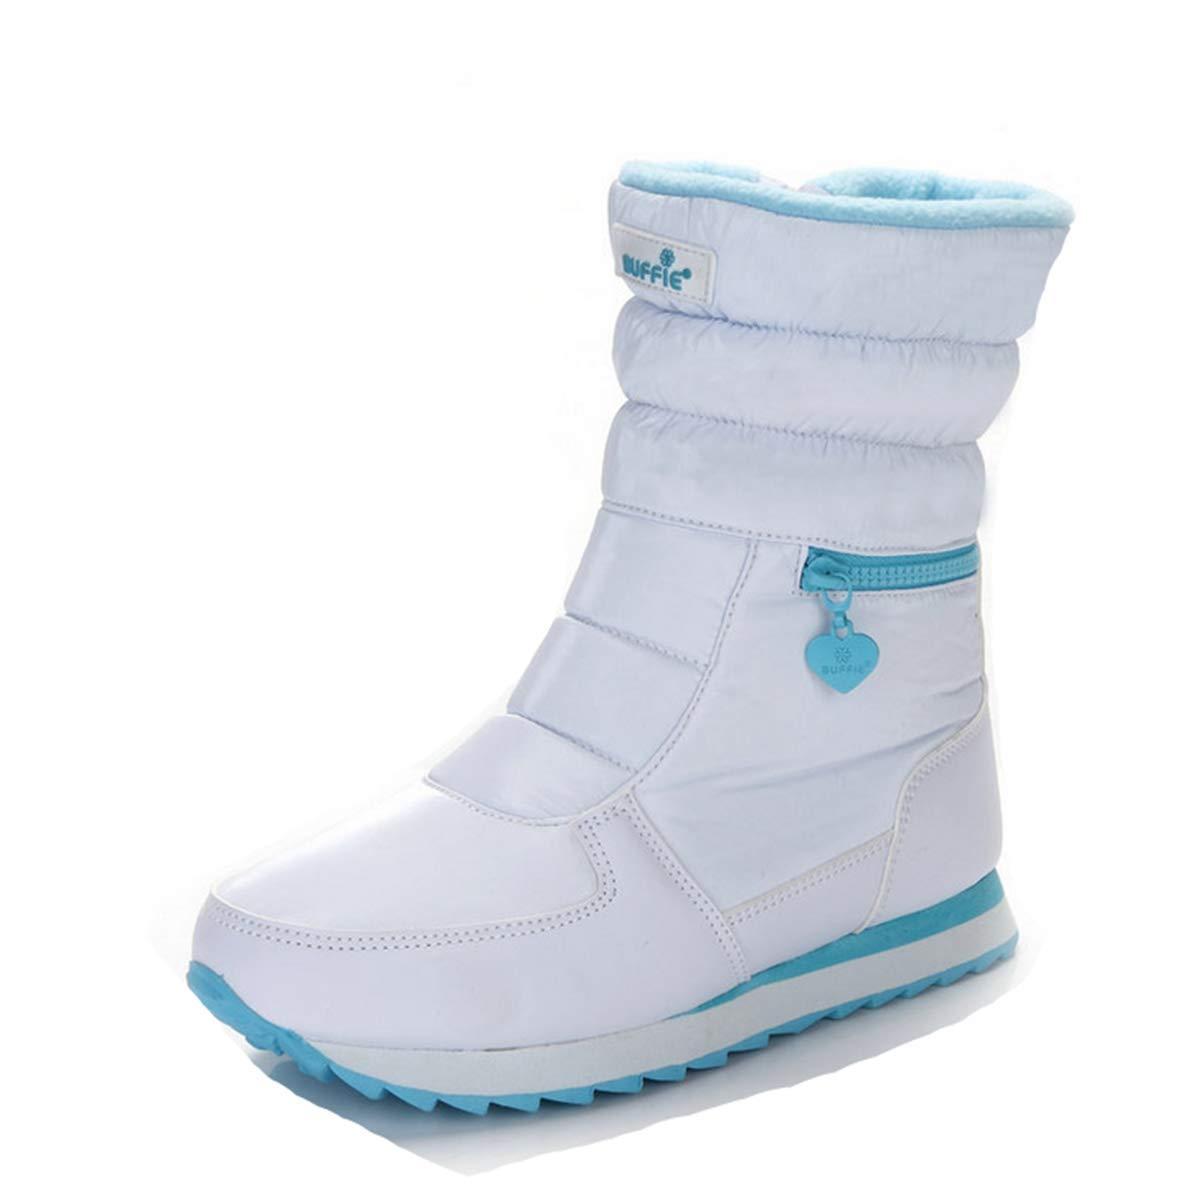 Bottes de Neige Bootines Femme Homme Pluis-Fanessy Bootes de Blanc Ski Hiver Chaude Bootines Noir Blanc Mi-Mollet Doublure Chaude Bottes de Fourrée Bottines de Pluis-Fanessy Blanc 91d6870 - piero.space